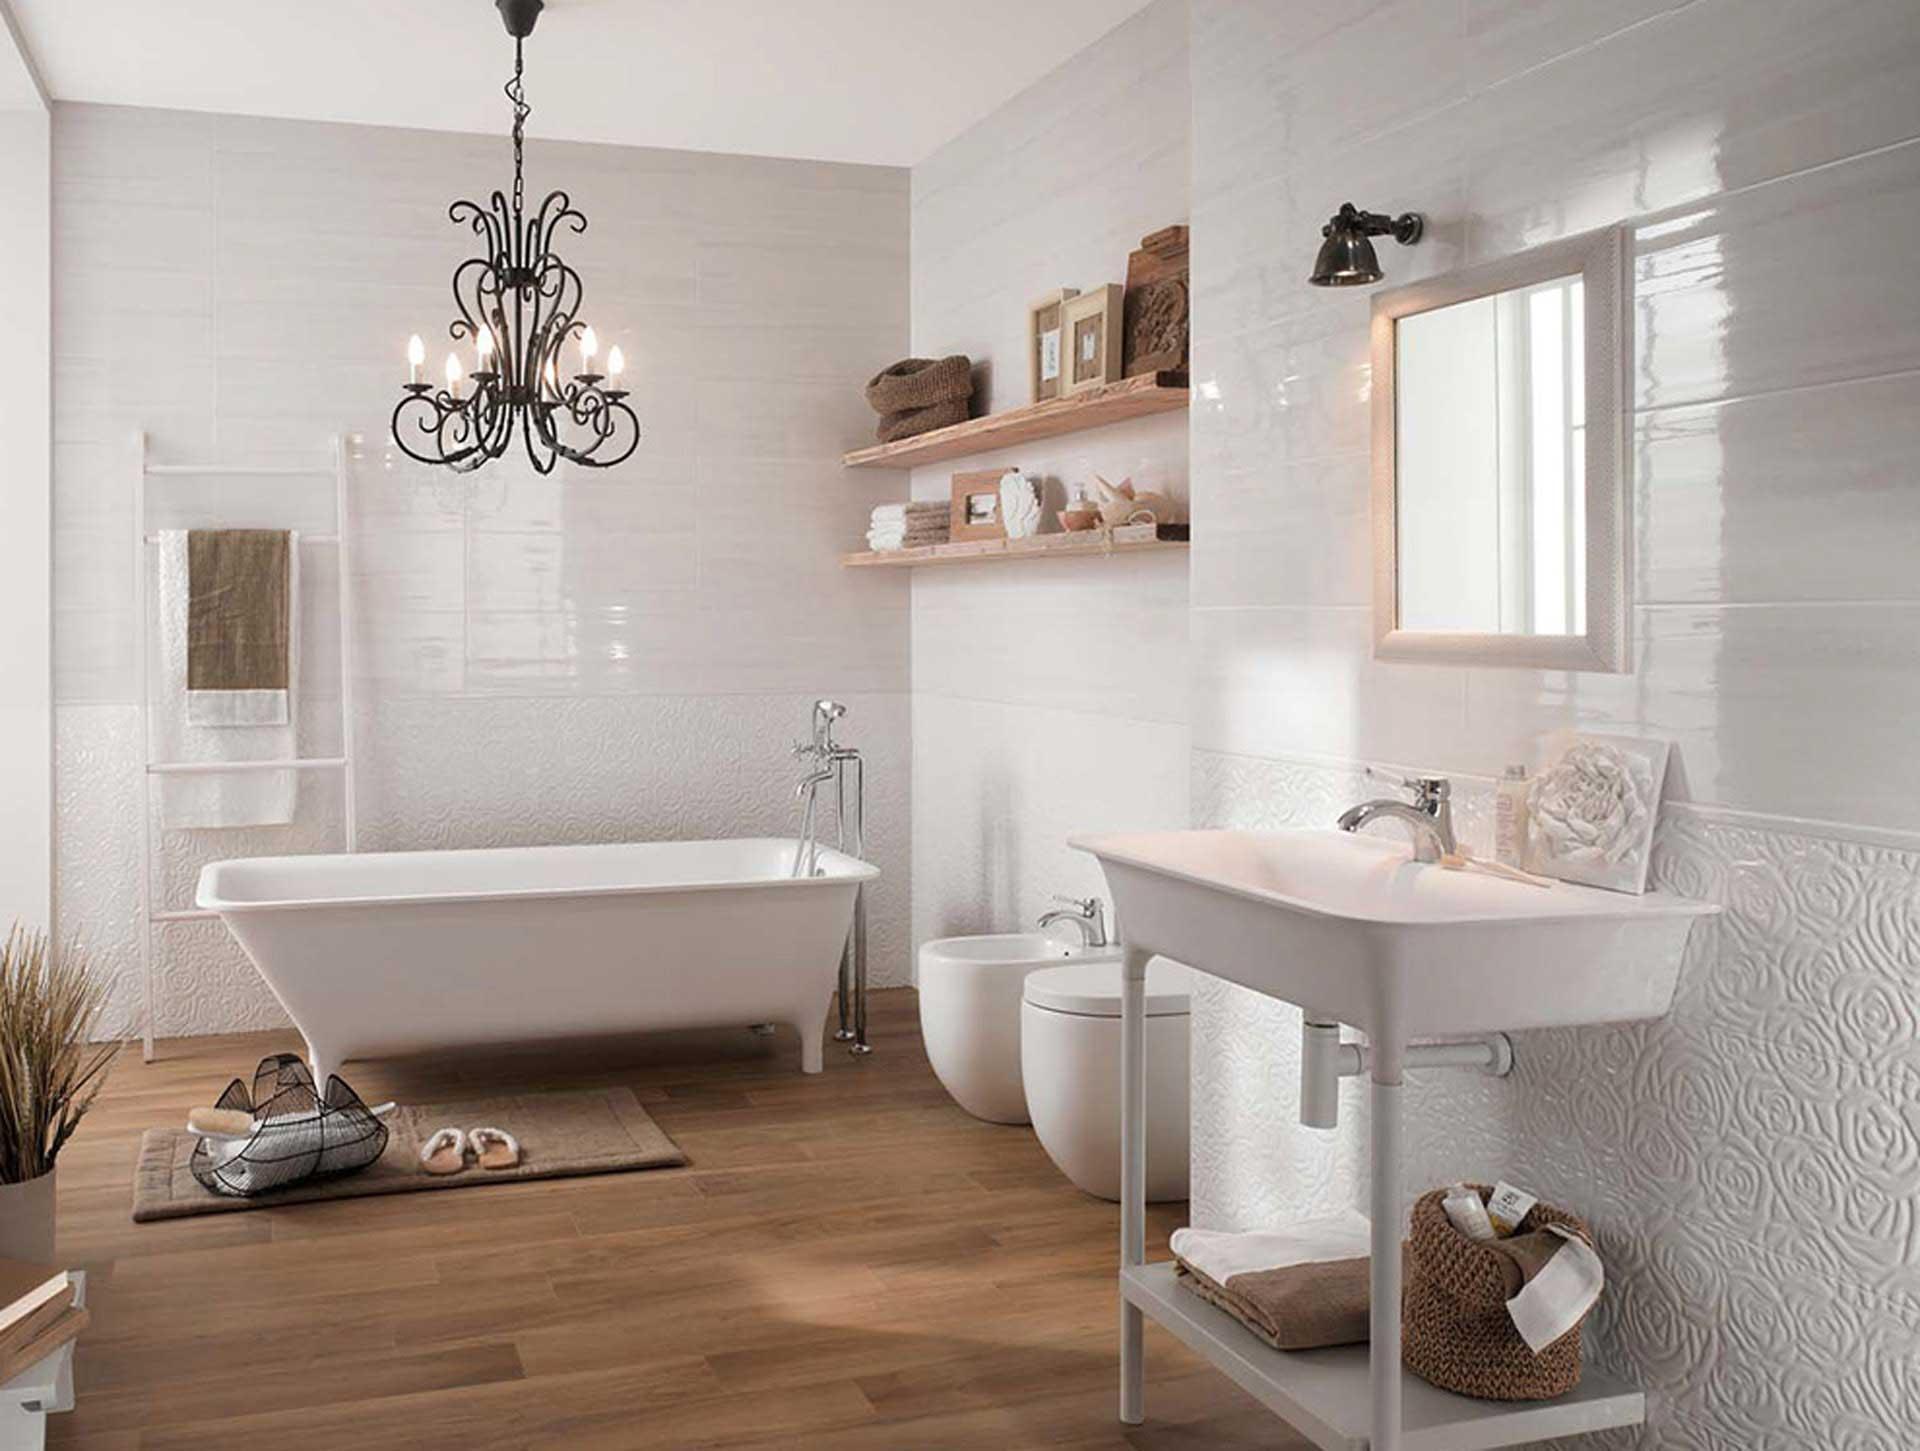 TENDENZE BAGNO 2017 termosanitaria bra cuneo arredo casa design bagno interior design trend 2017 tendenze stile arredo